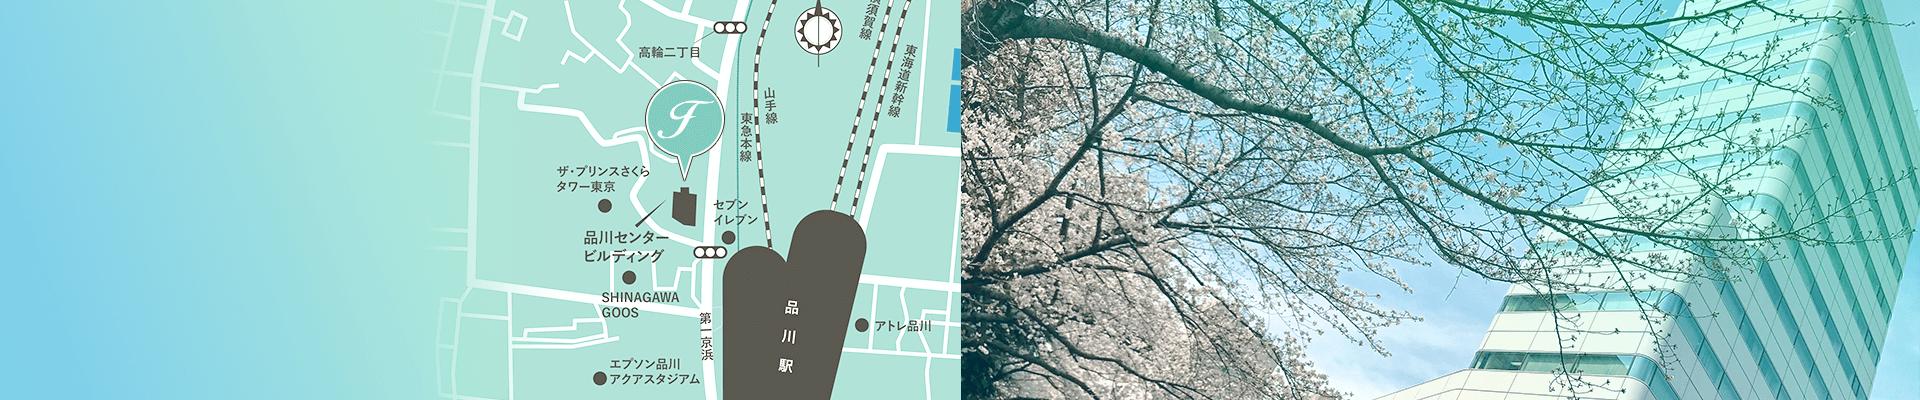 東京にある女性活躍を推進しているコンサルティング会社フラームジャパンの周辺地図情報